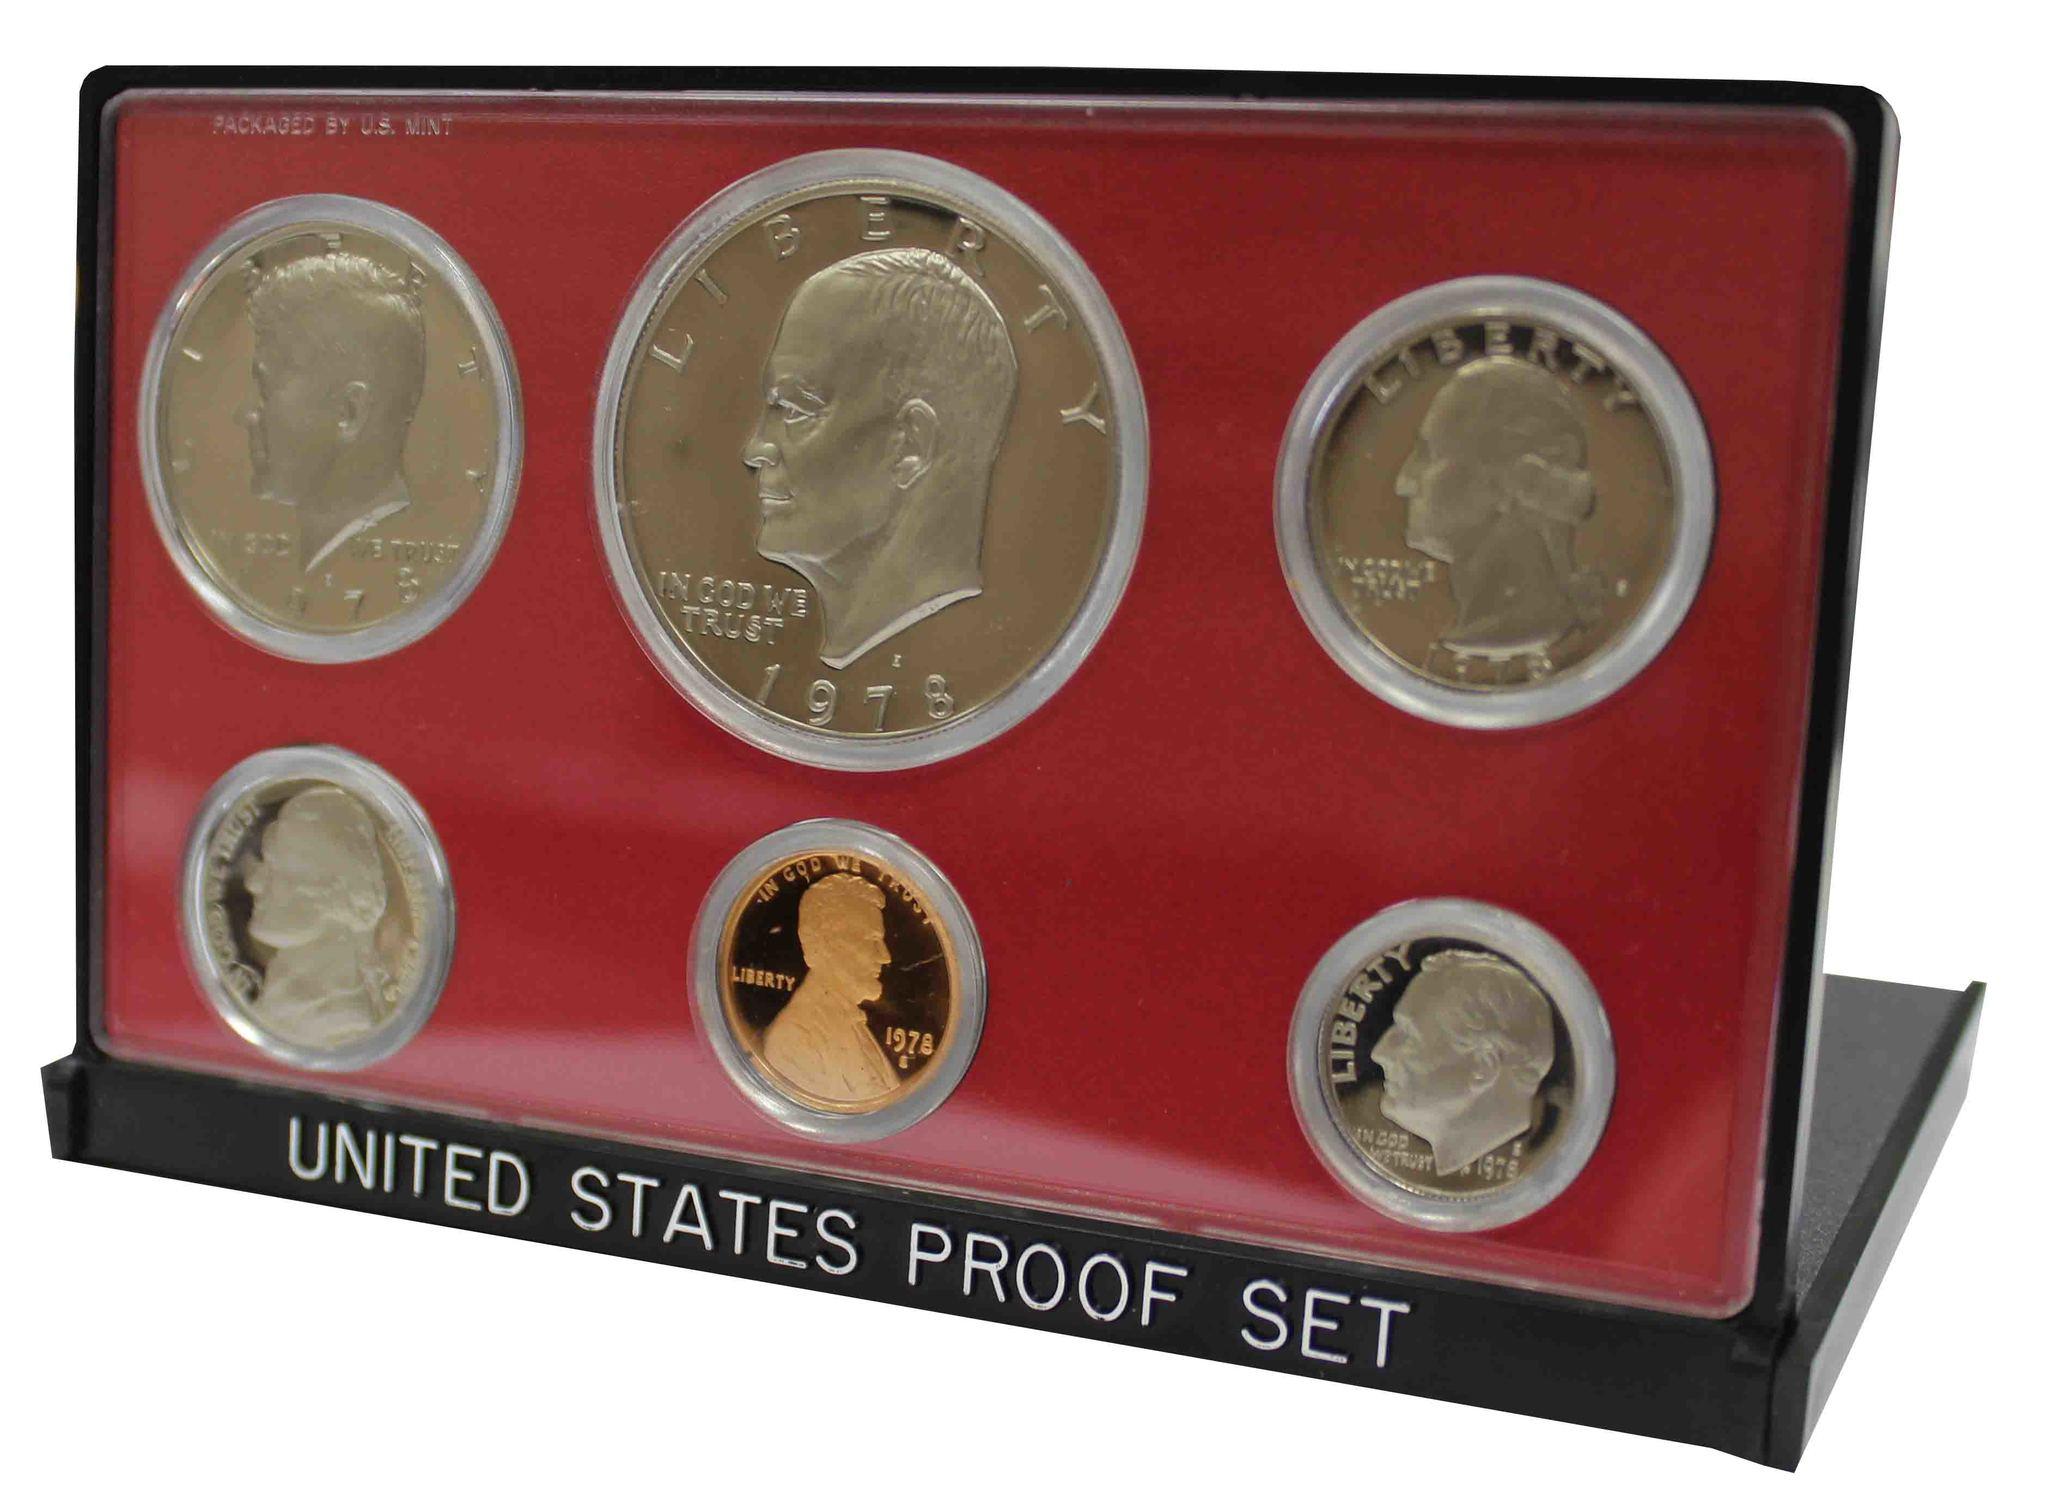 Годовой набор монет США 1978 (S) год в футляре (1, 5, 10, 25, 50 центов; 1 доллар) (6 монет)